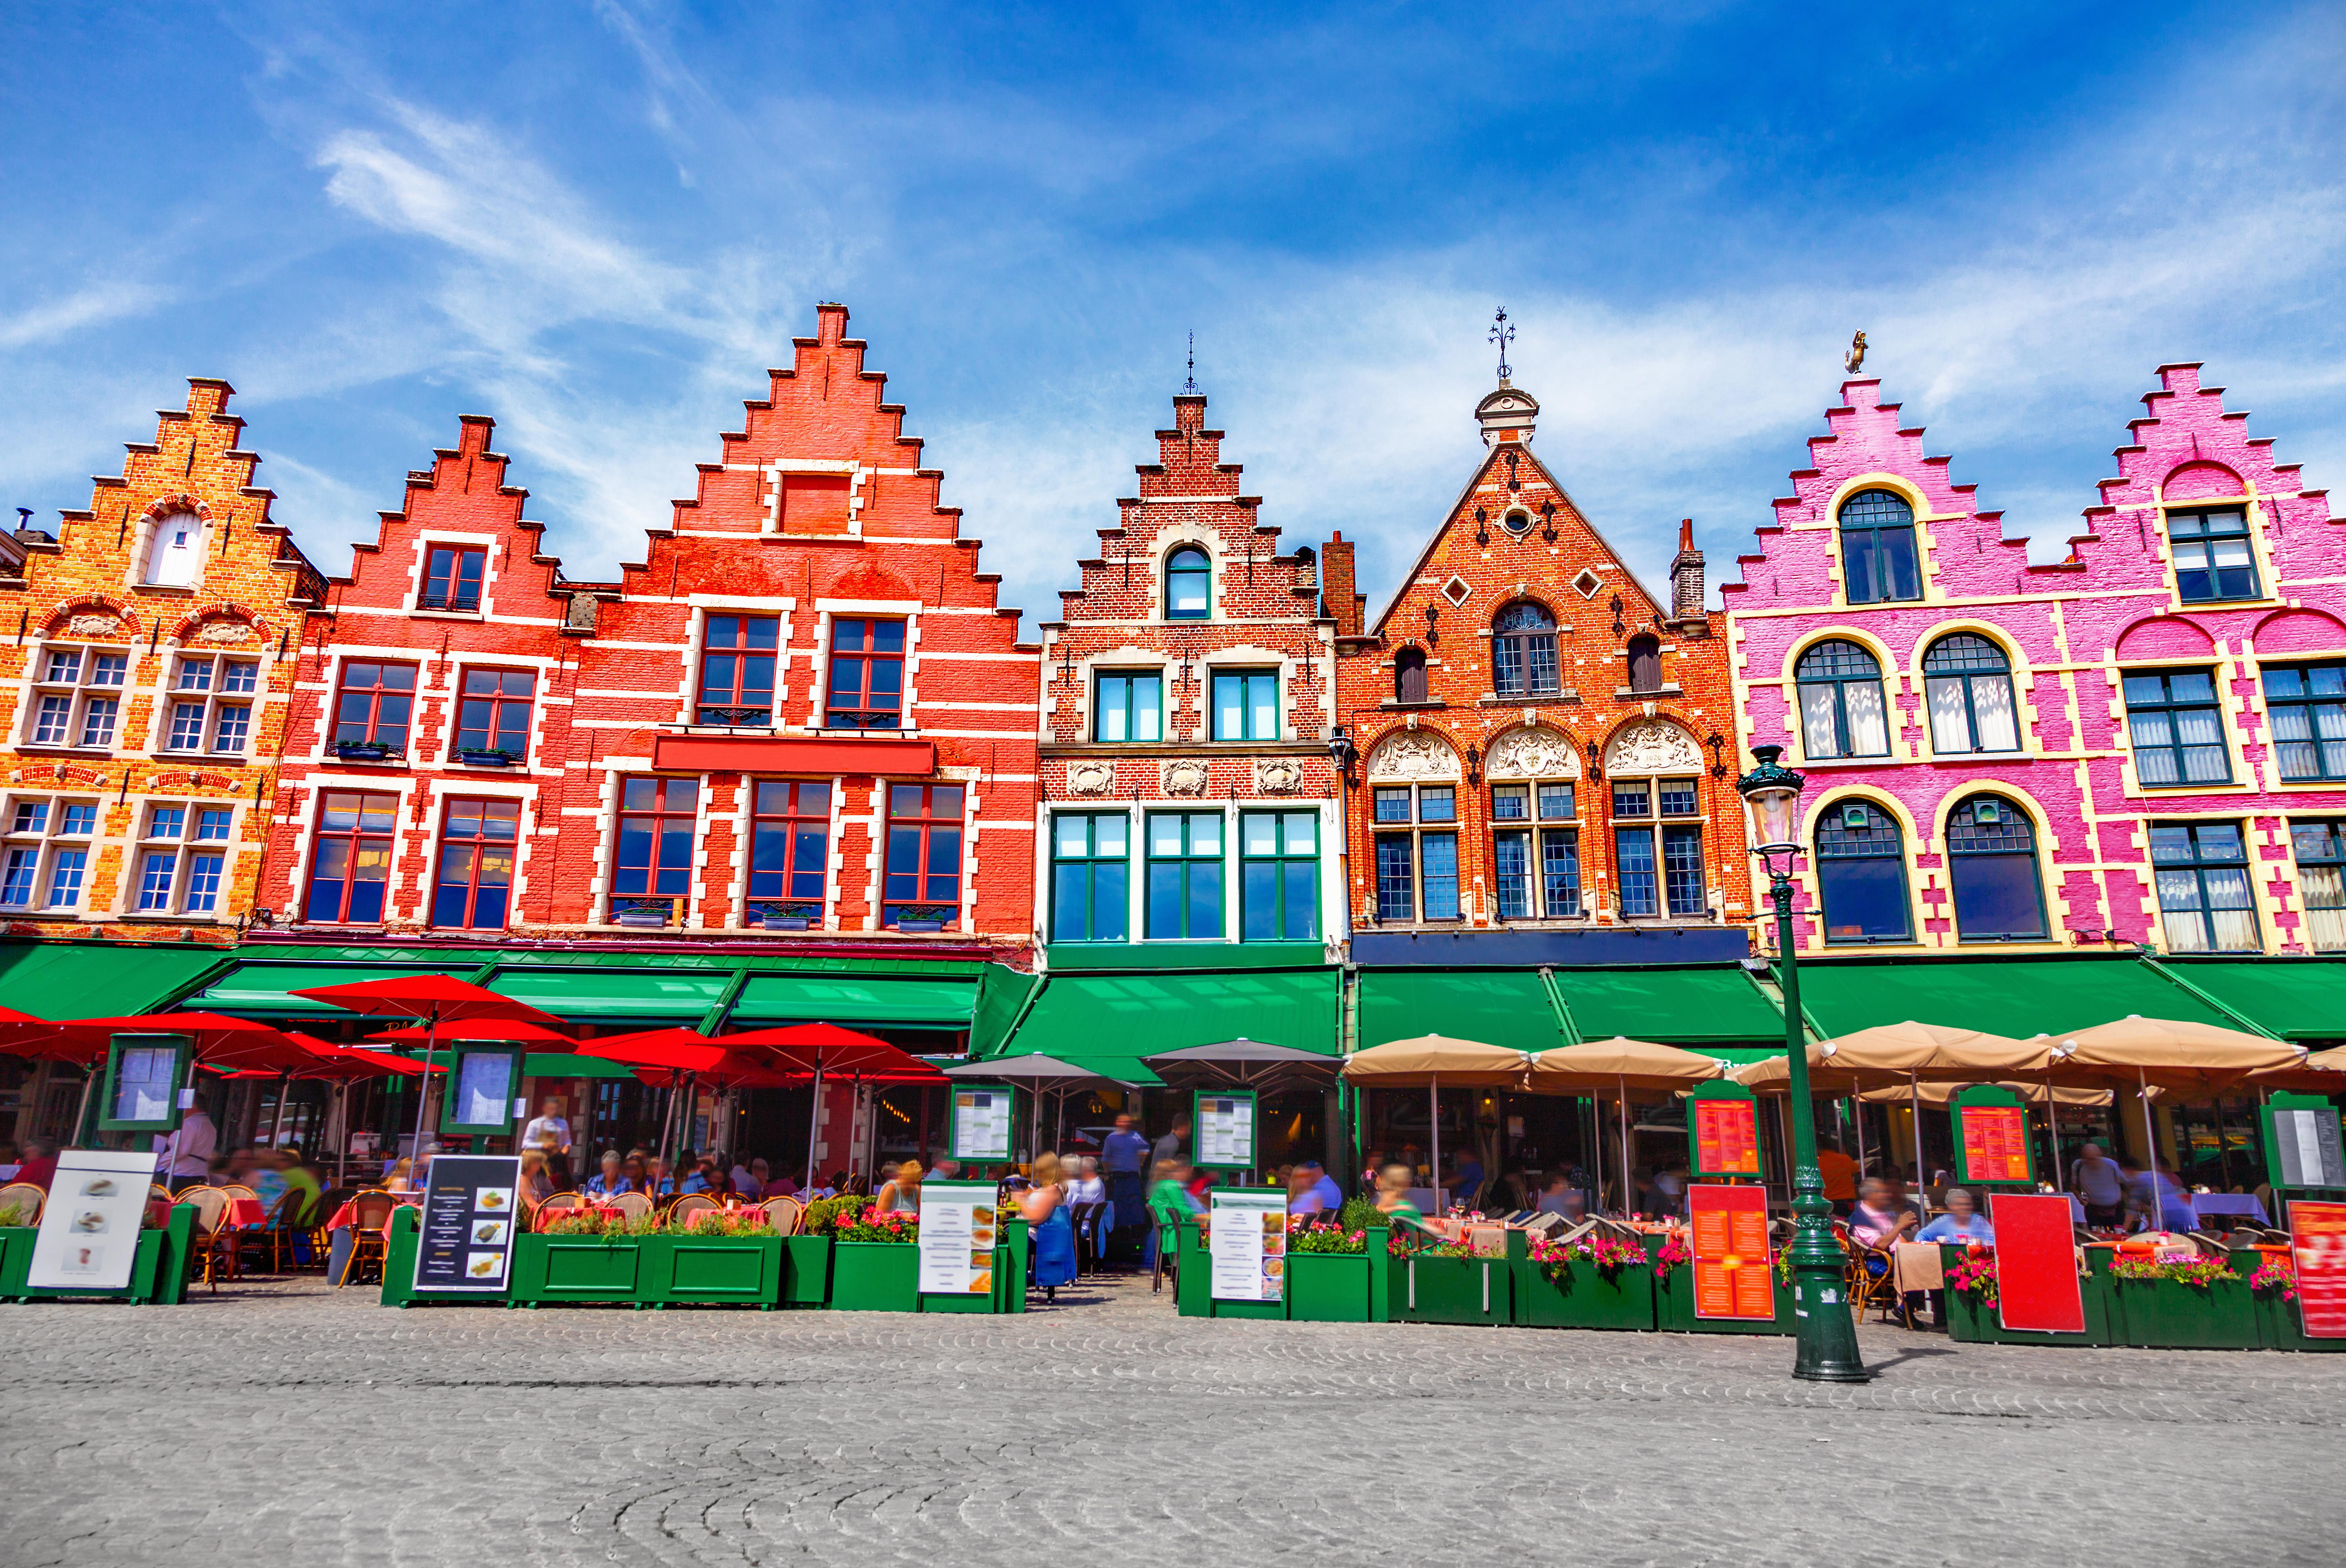 Día de mercado en Brujas - Bélgica Circuito Londres, Países Bajos y el Rhin